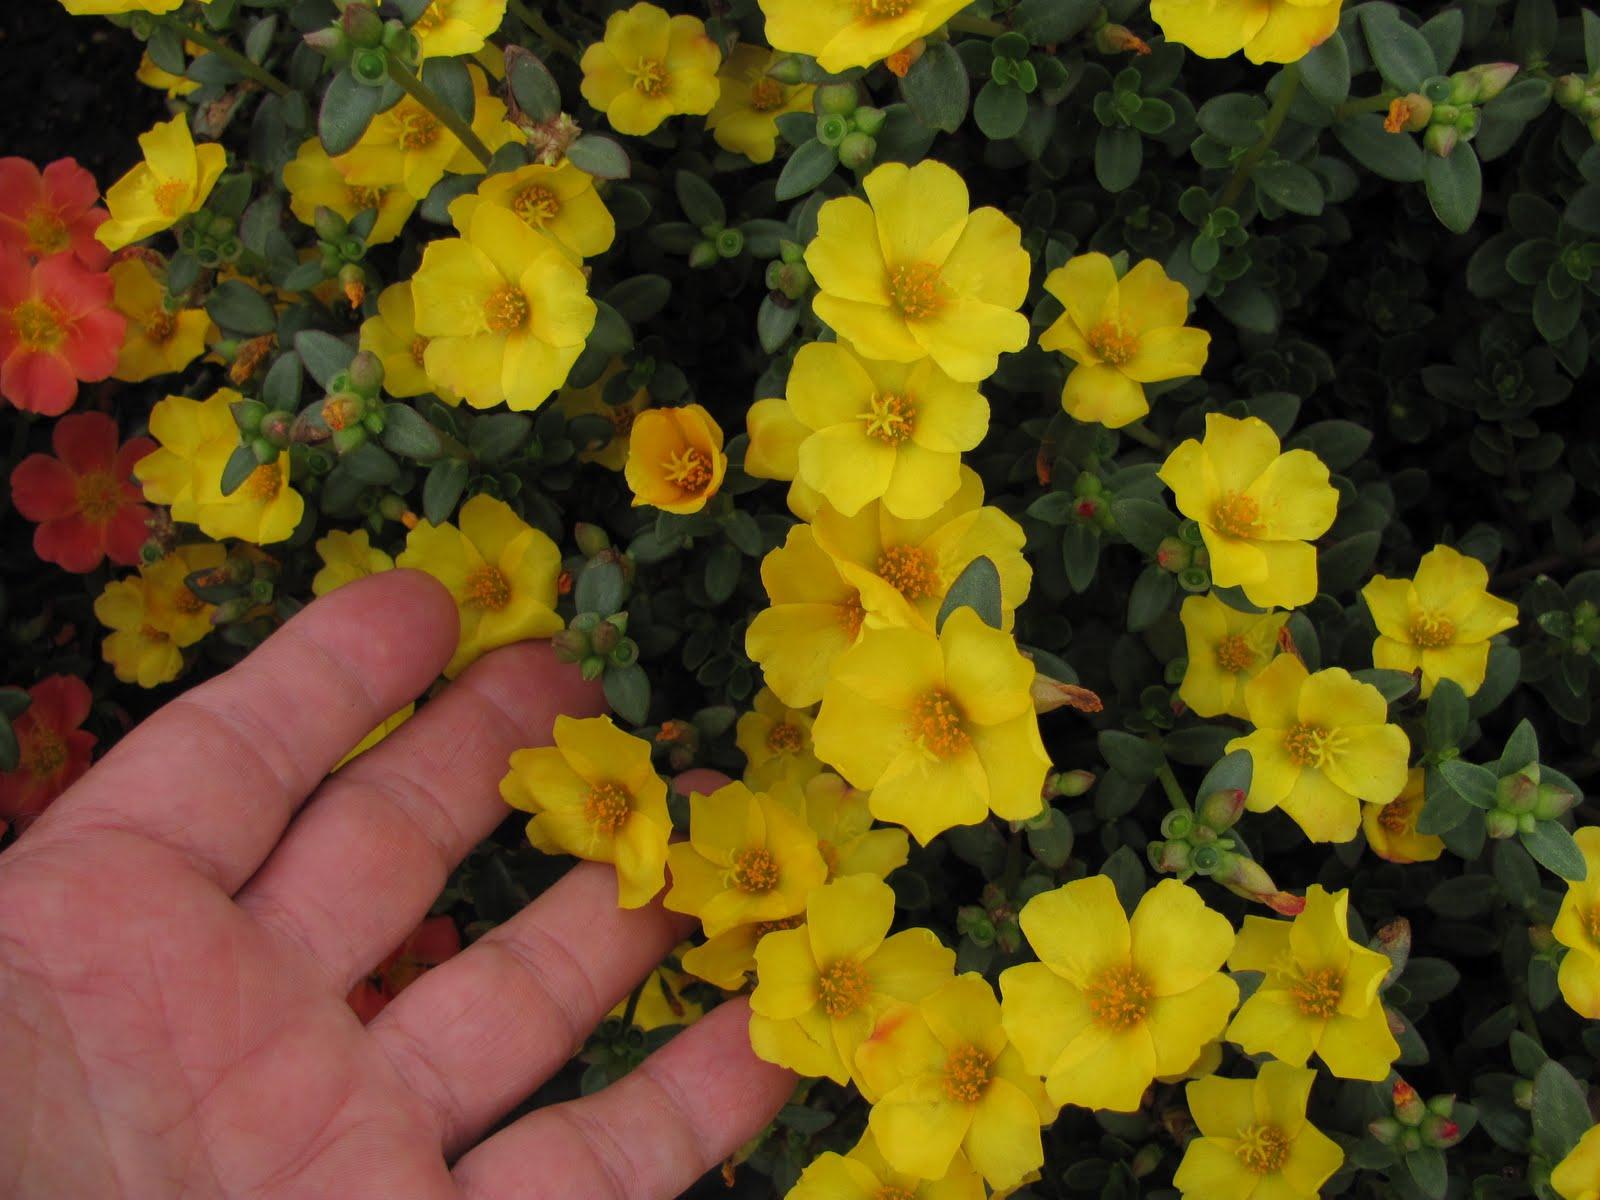 Yellow Flowers Annuals 23 Cool Hd Wallpaper Hdflowerwallpaper